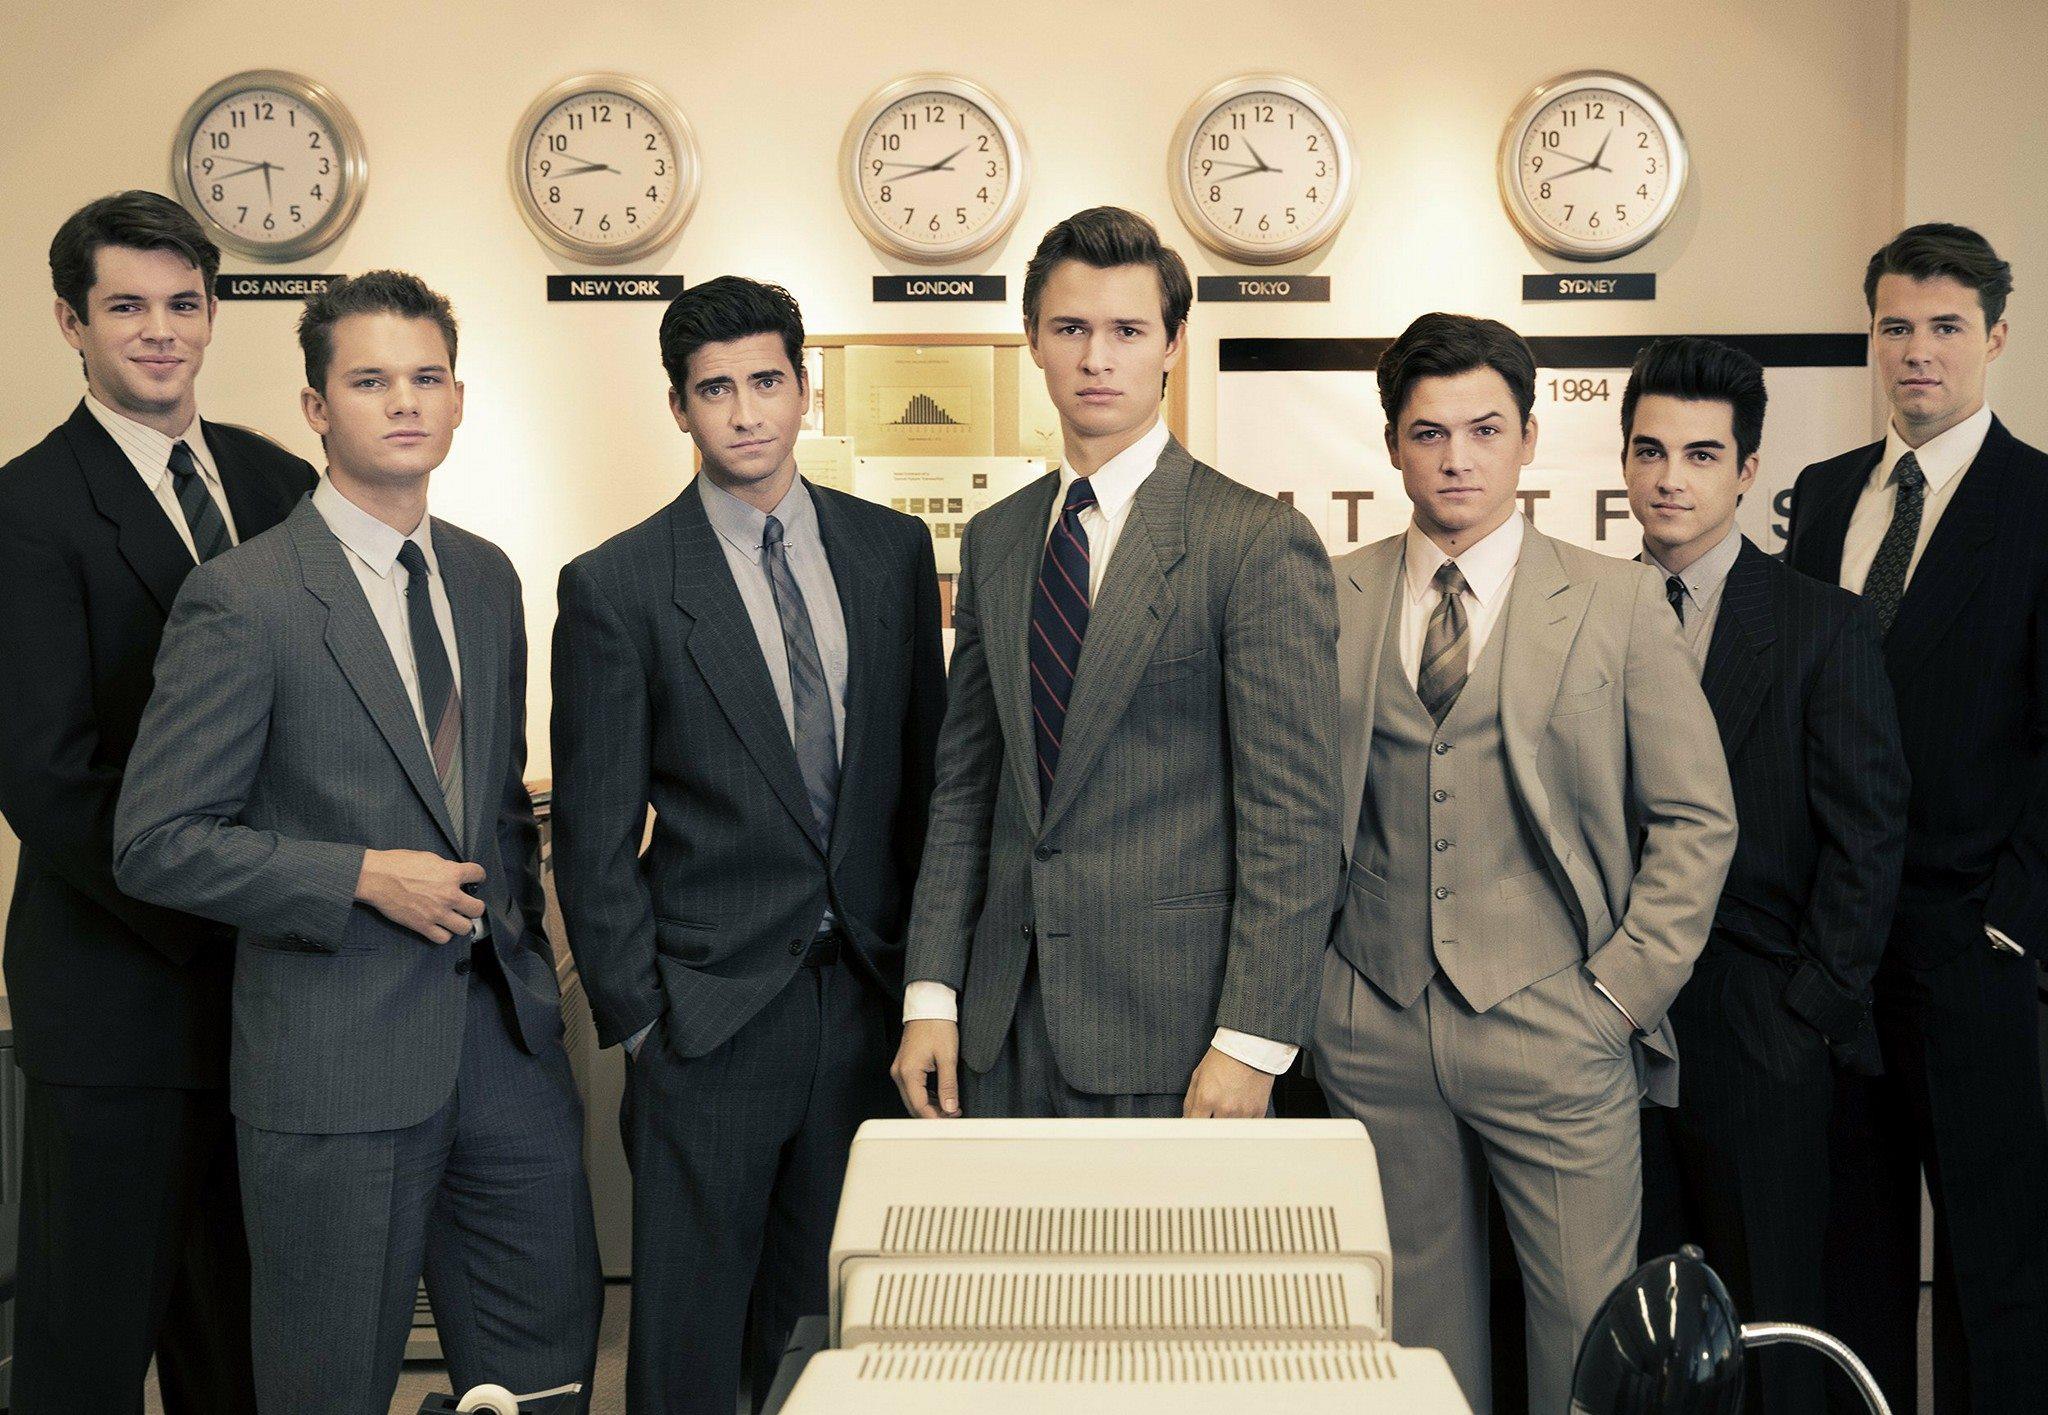 รีวิว Billionaire Boys Club: คลับชายล้วนรวยอัจฉริยะ